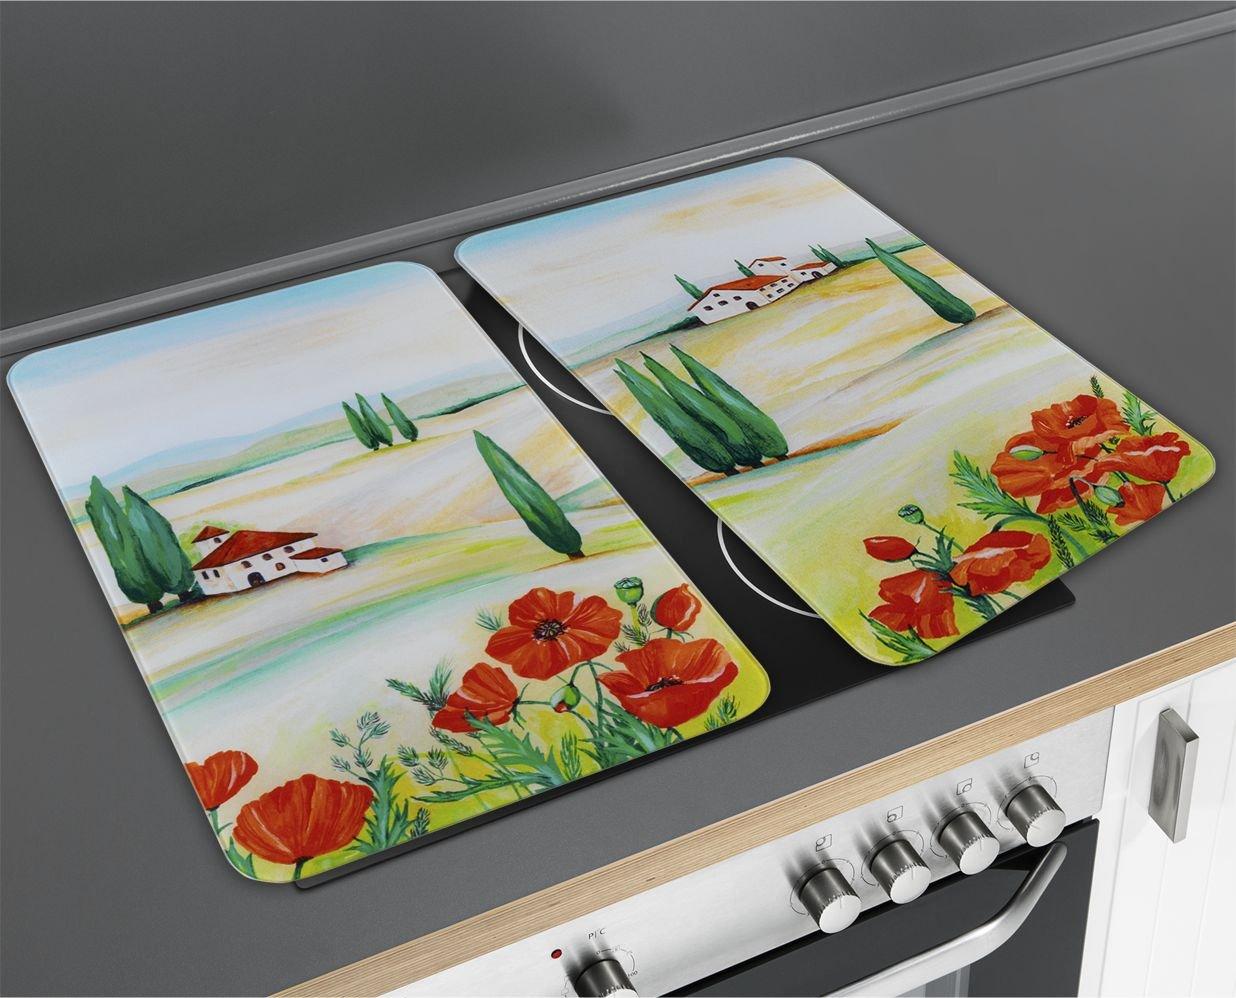 Wenko 2521457500 Cubiertas de Cocina Universal Toscana - Juego de 2 Piezas para Todos los Tipos de cocinas, Vidrio - Vidrio endurecido, 30 x 1,8-4,5 x ...